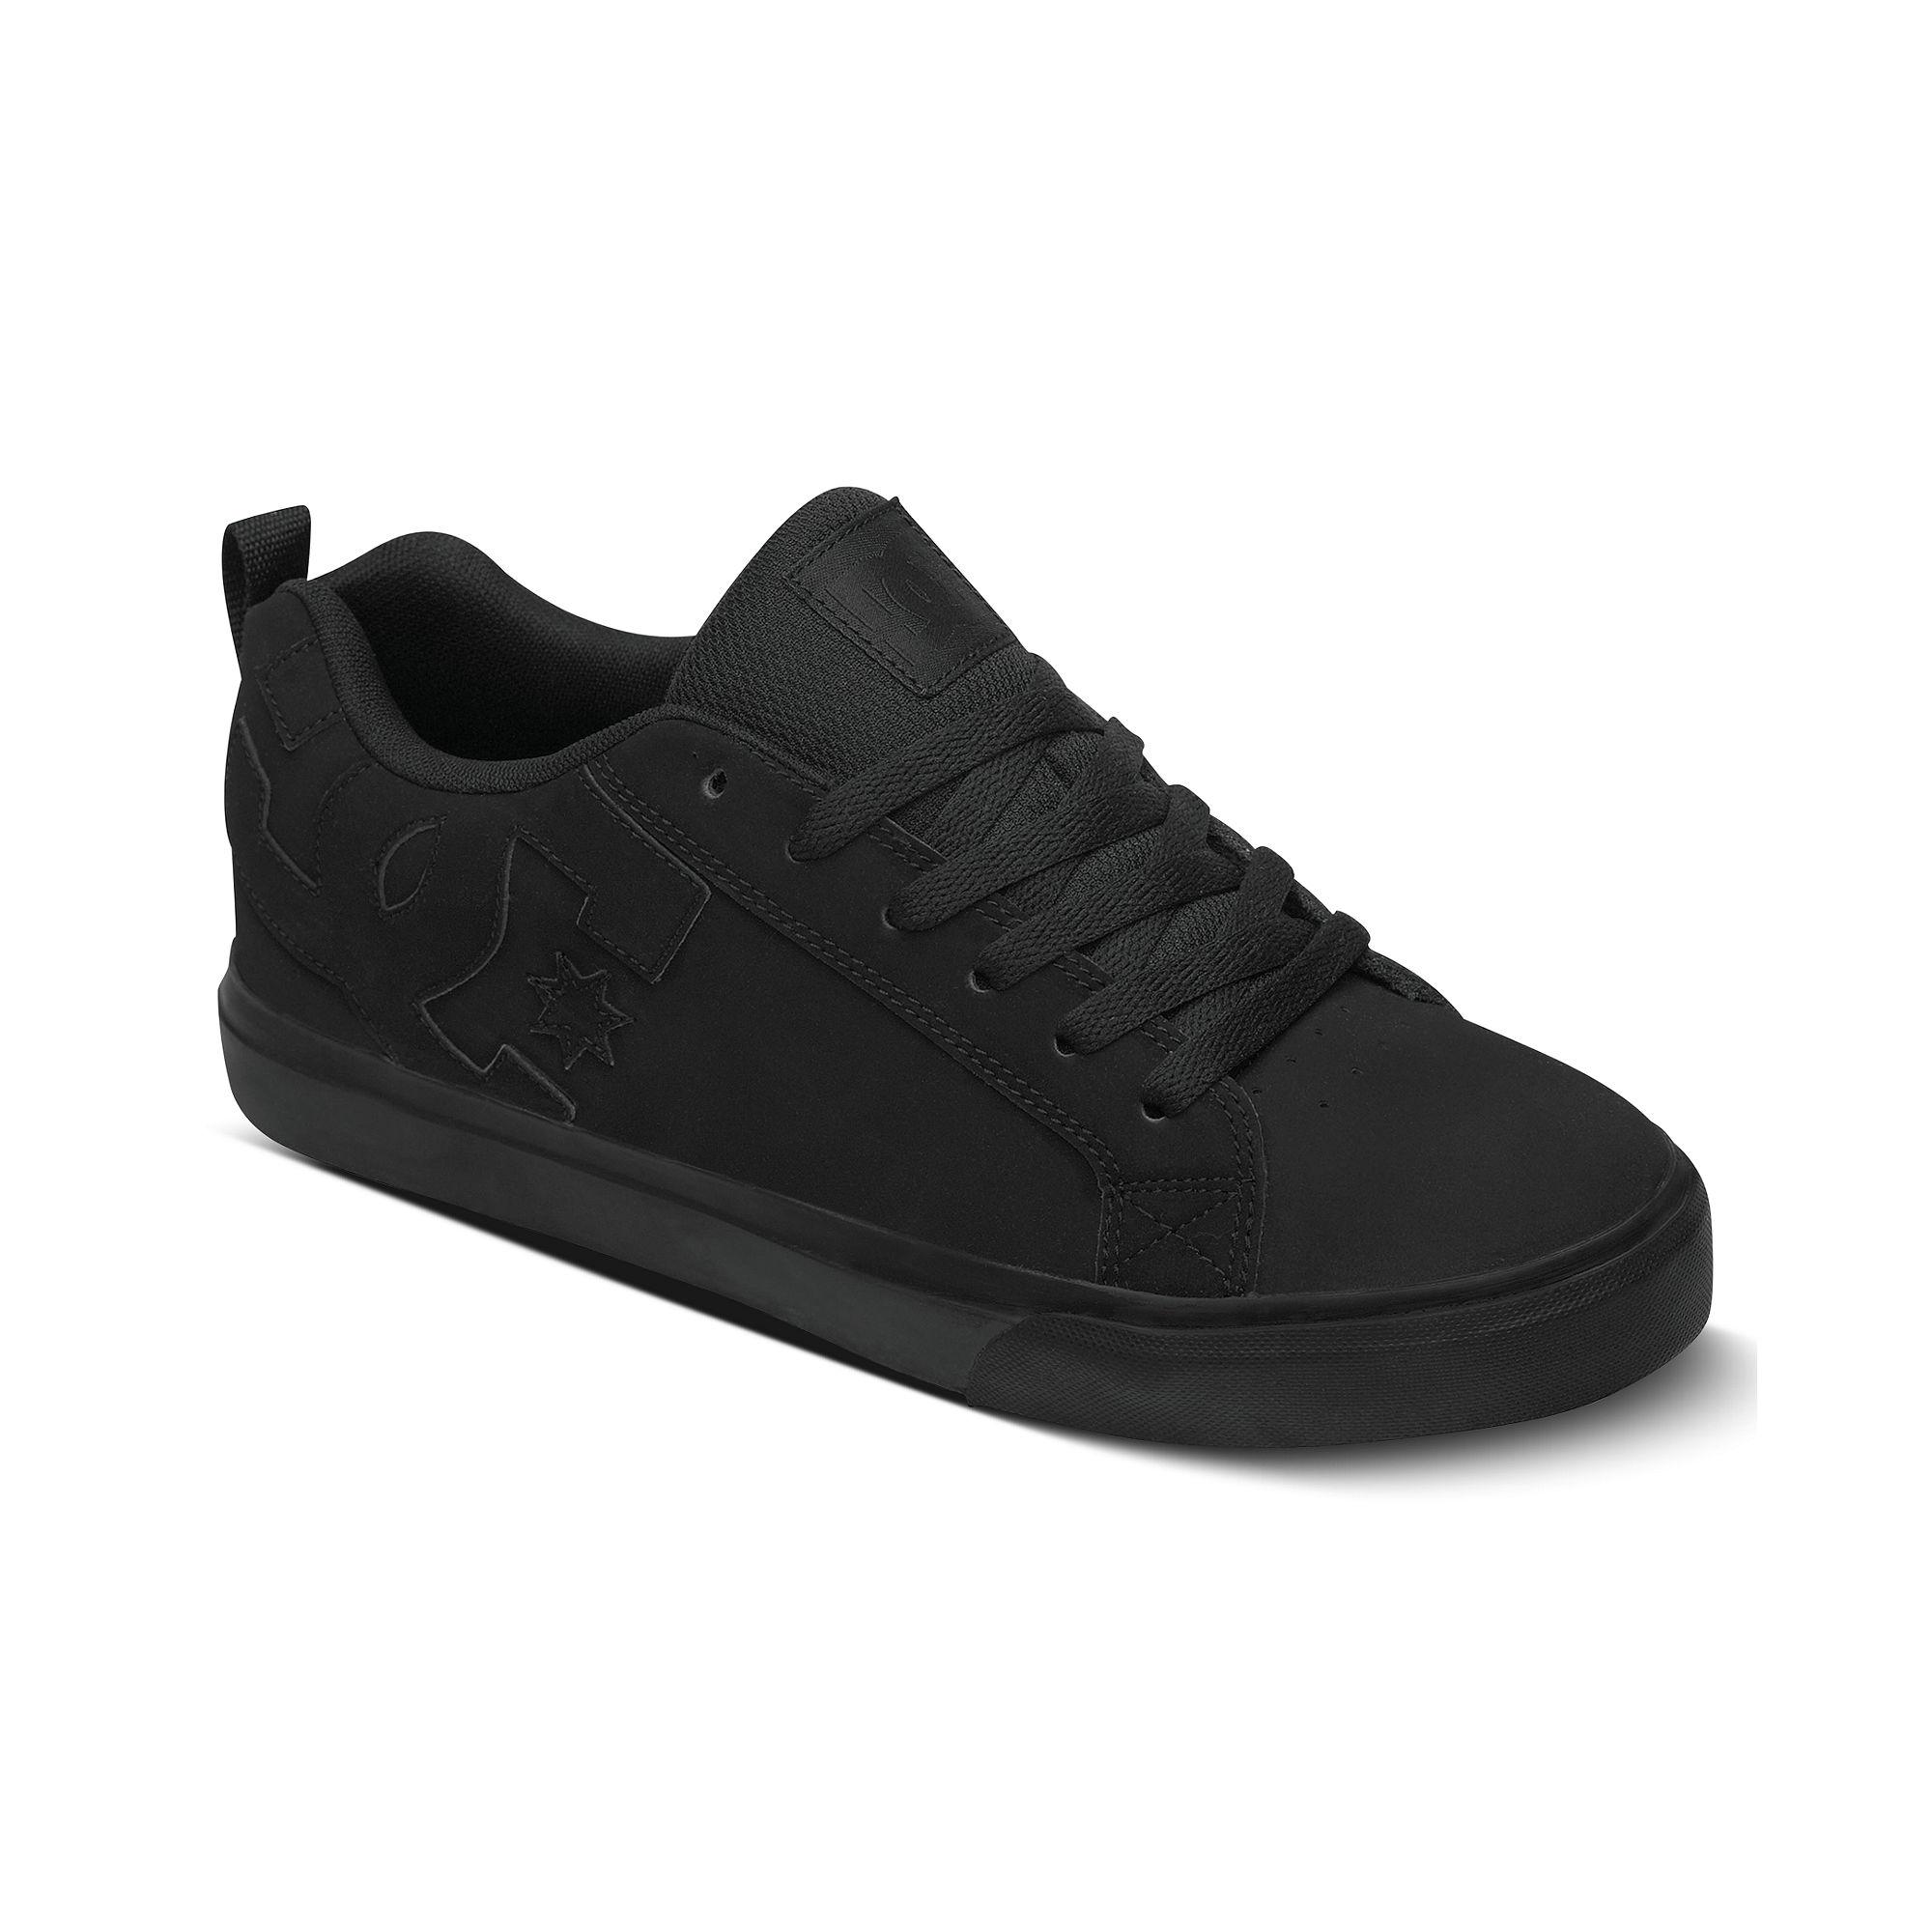 Macy S Vans Black Leather Mens Shoes